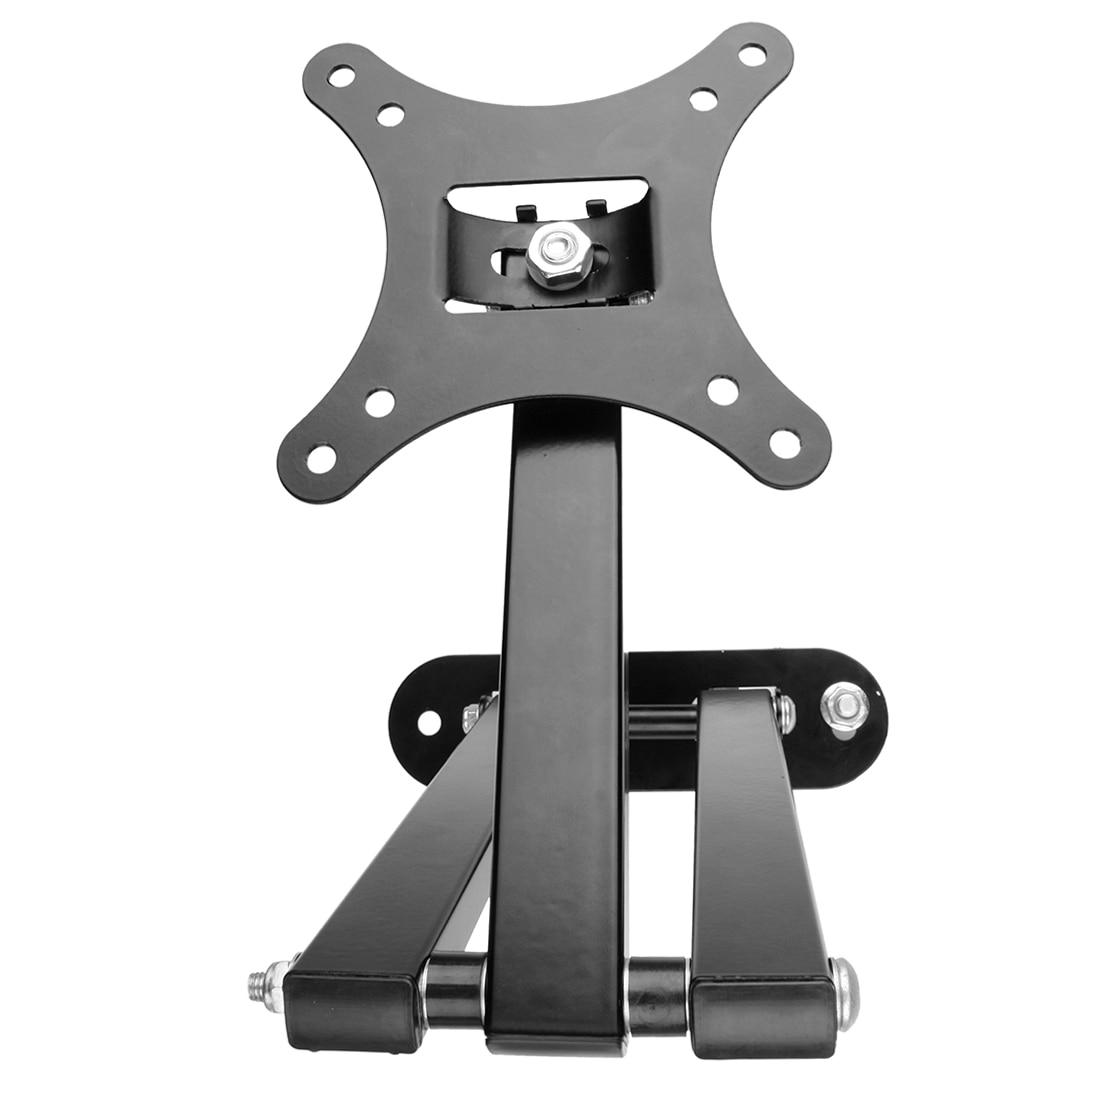 Plsama Ultra Slim Tilt Swivel TV wall mount bracket ( 73 Black Tilt & Swivel 14-26 )